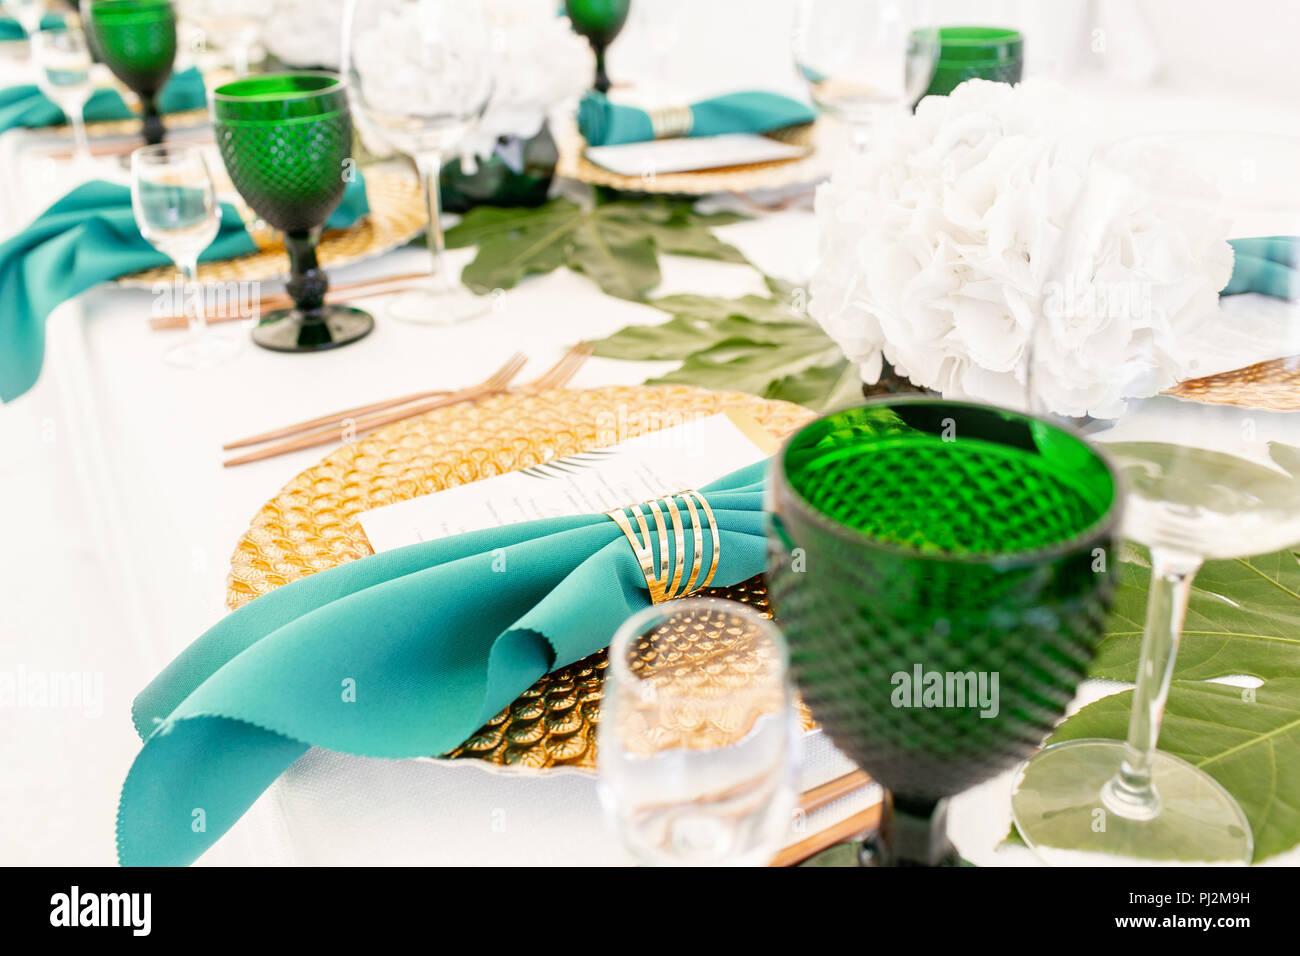 Interno della tenda per matrimonio diner, pronto per gli ospiti. Servita round table banchetti all'aperto nel tendone decorate i fiori delle ortensie, piatti d'oro e verde di tovaglioli. Concetto di ristorazione Immagini Stock